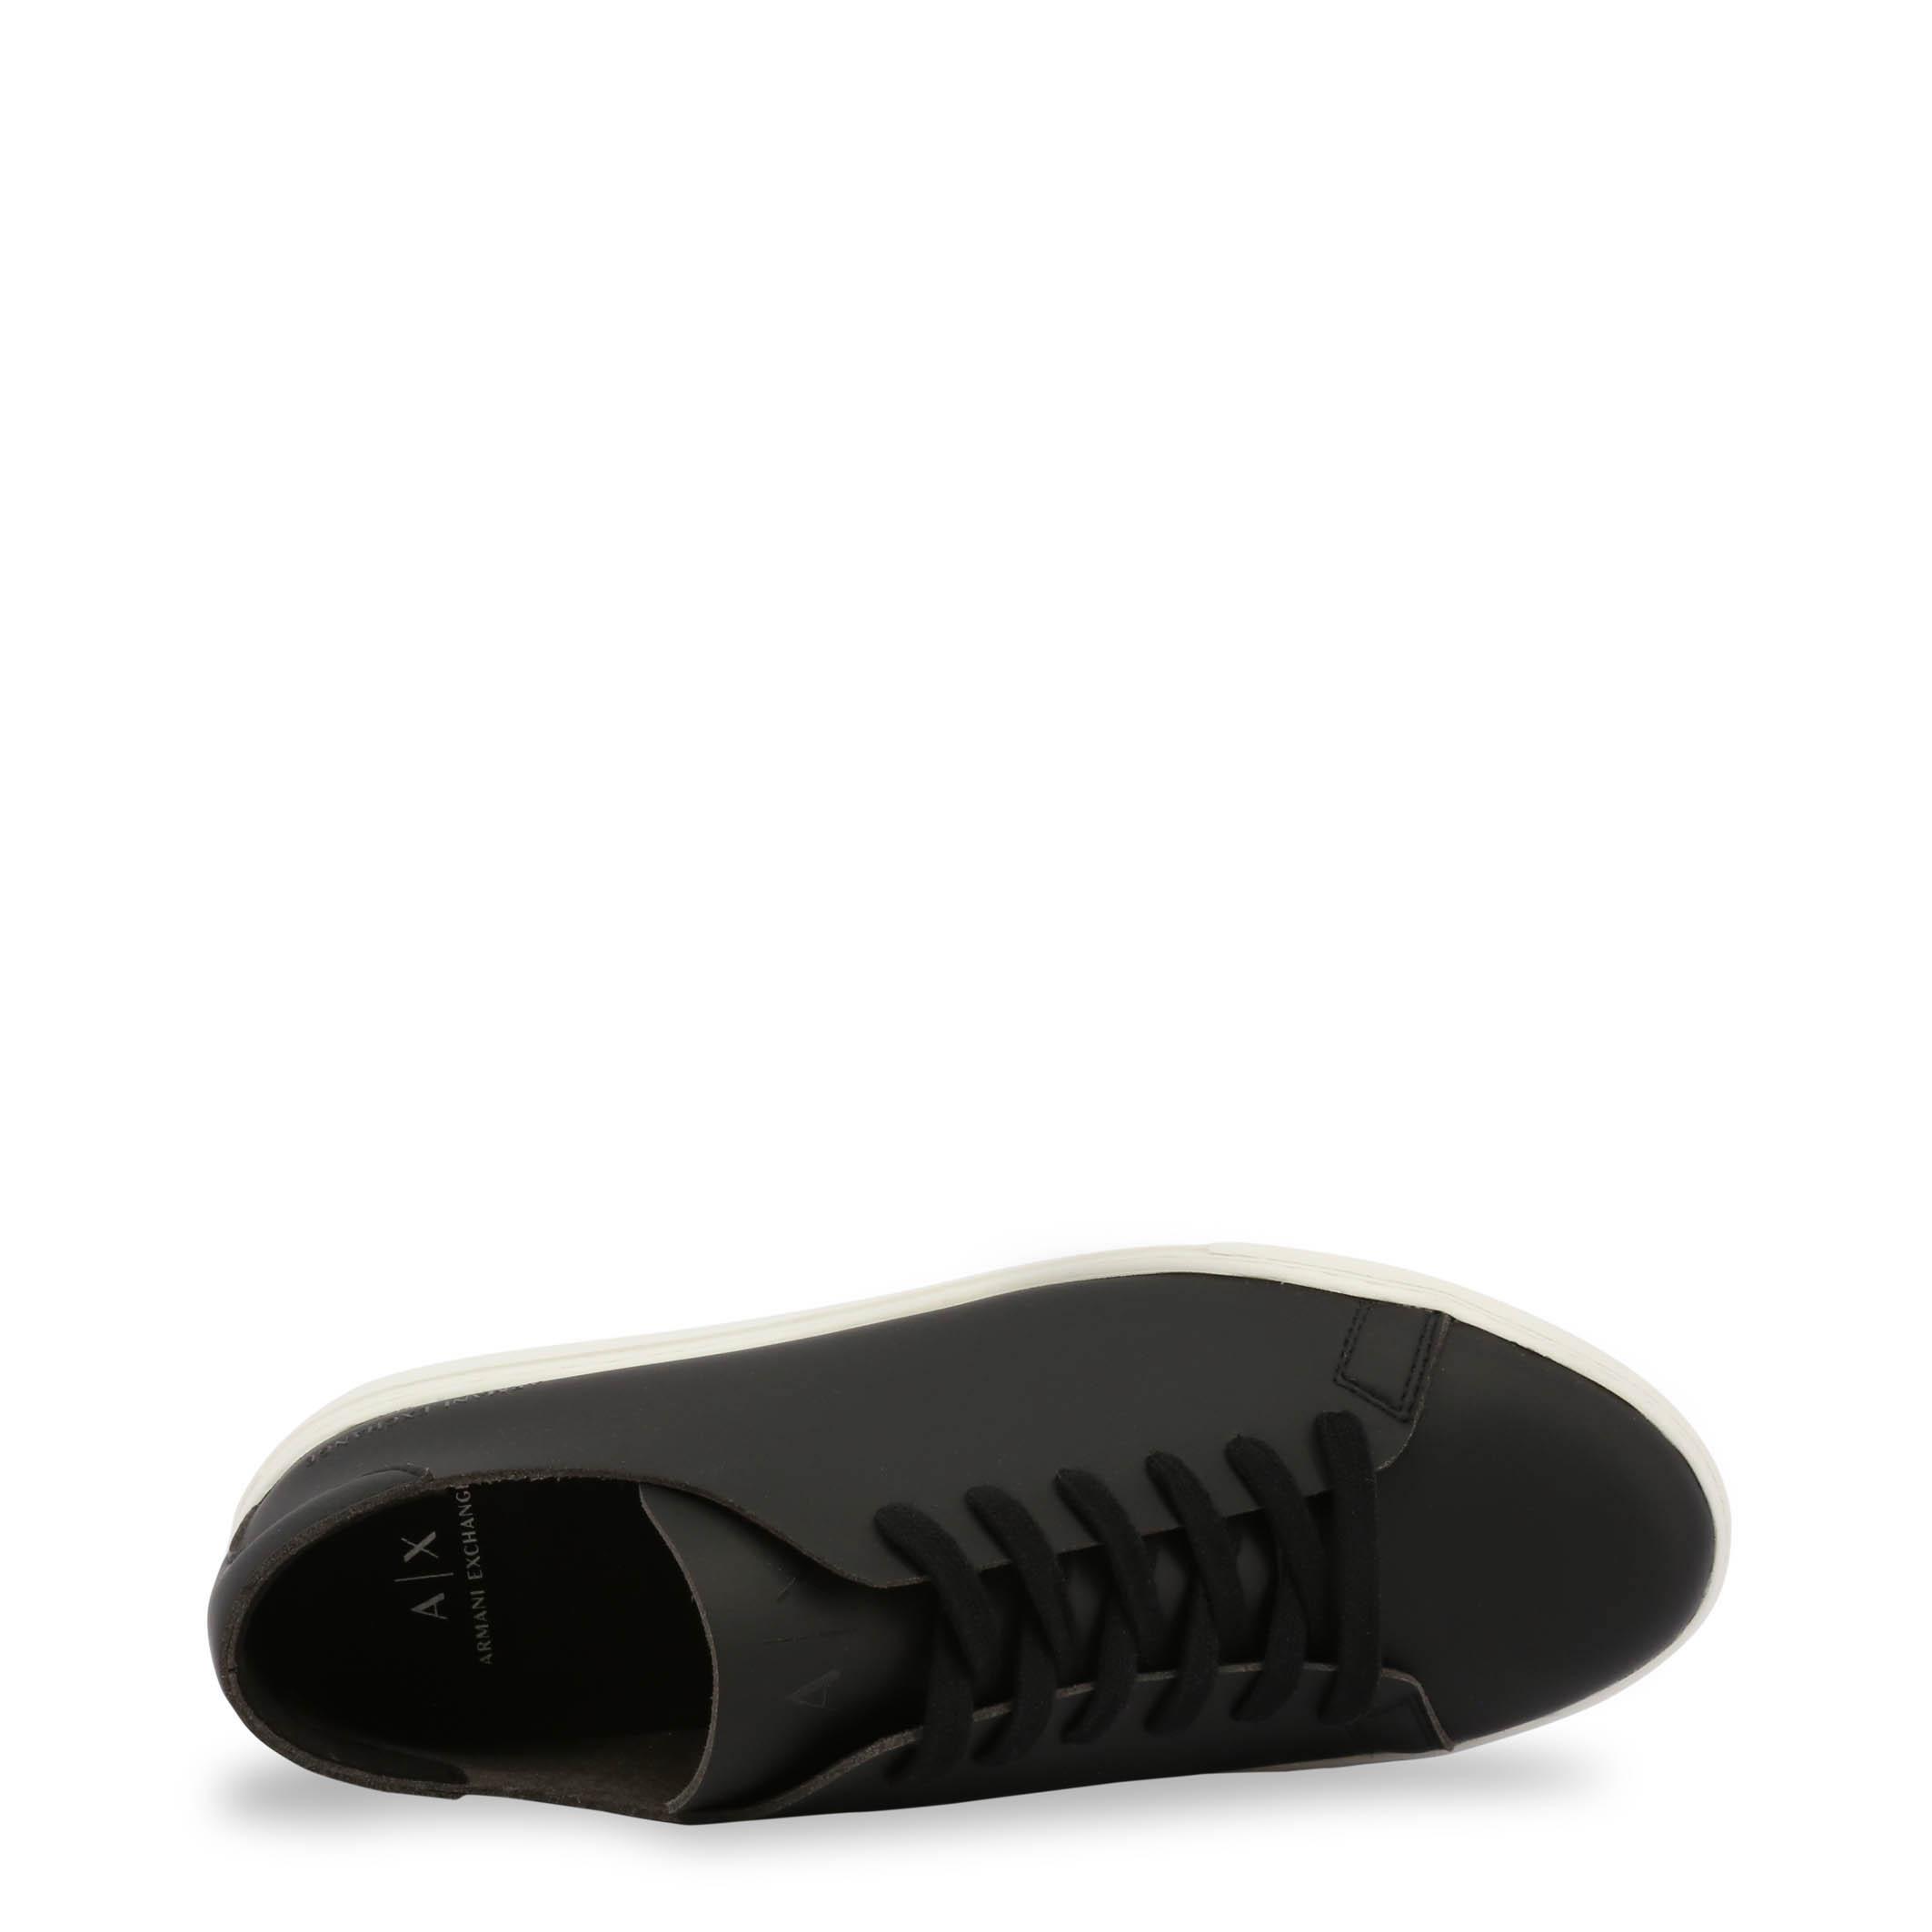 Armani Exchange - 955055_8P411 | You Fashion Outlet